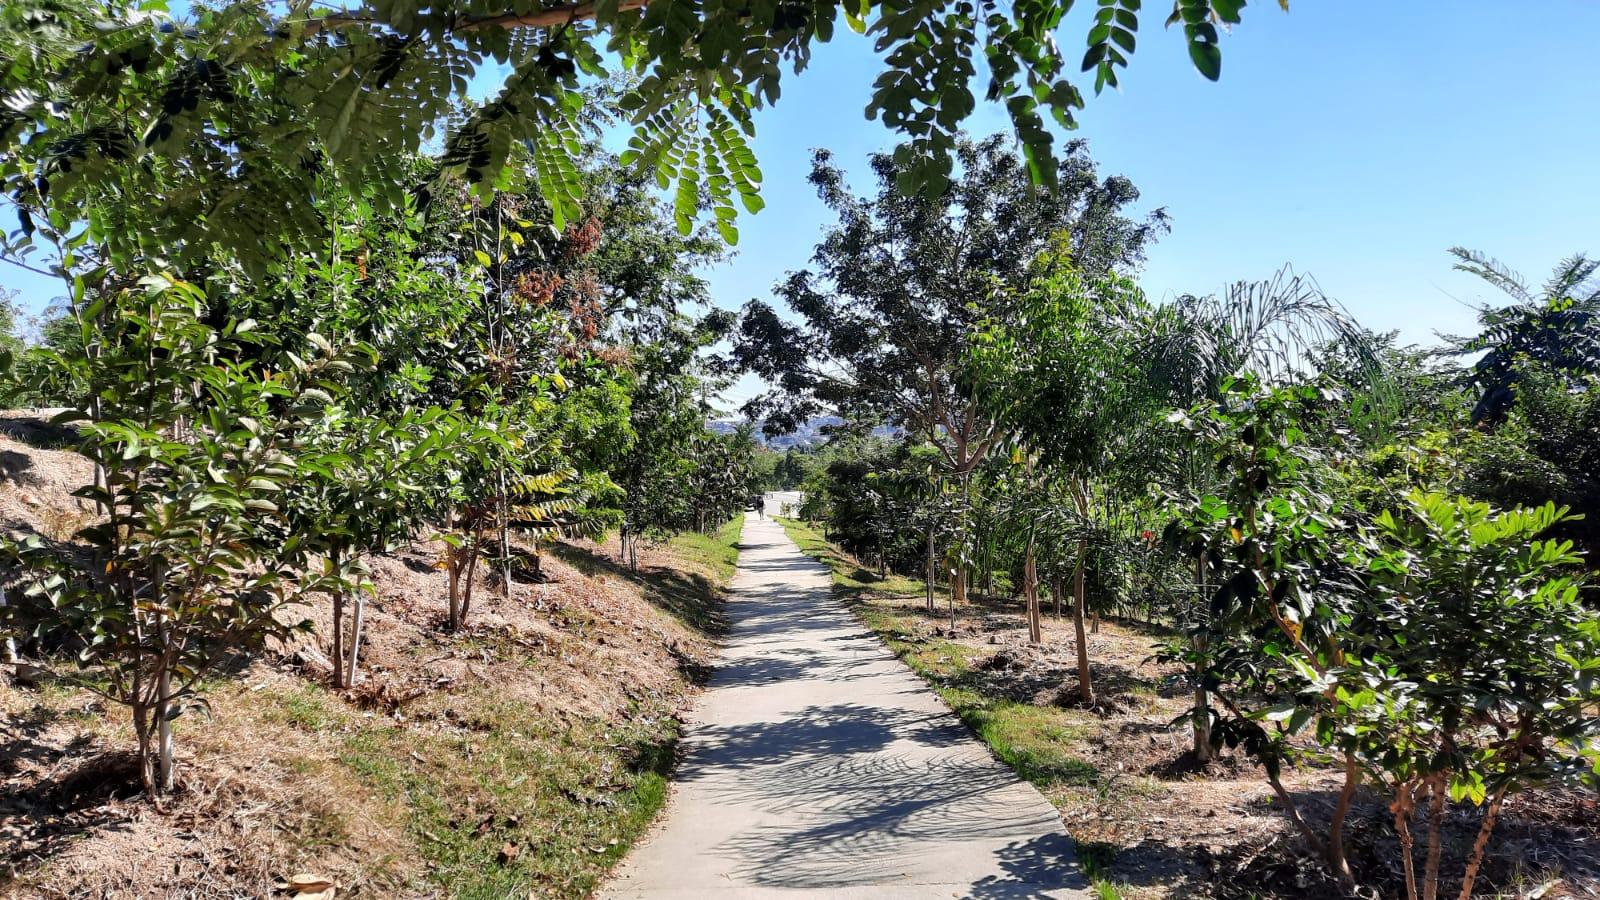 Foto mostra caminho com árvores no entorno